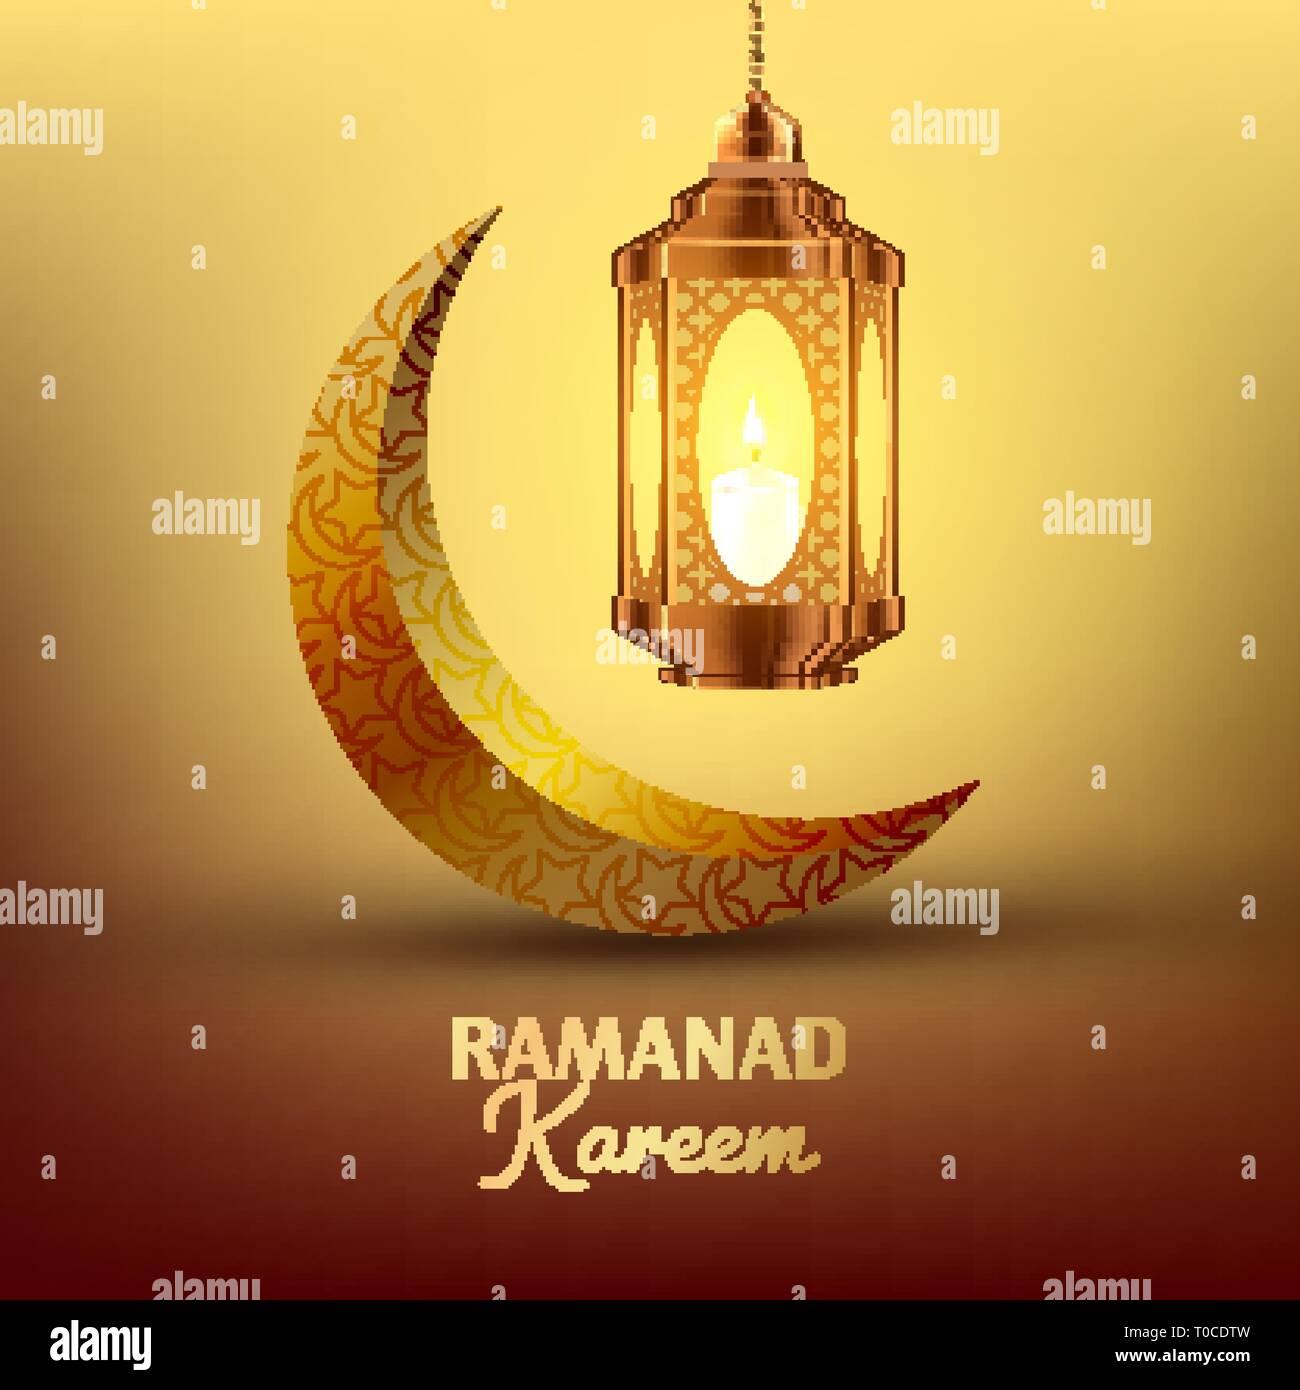 Ramadan Kareem Greeting Card Vector Islam Lamp Lantern